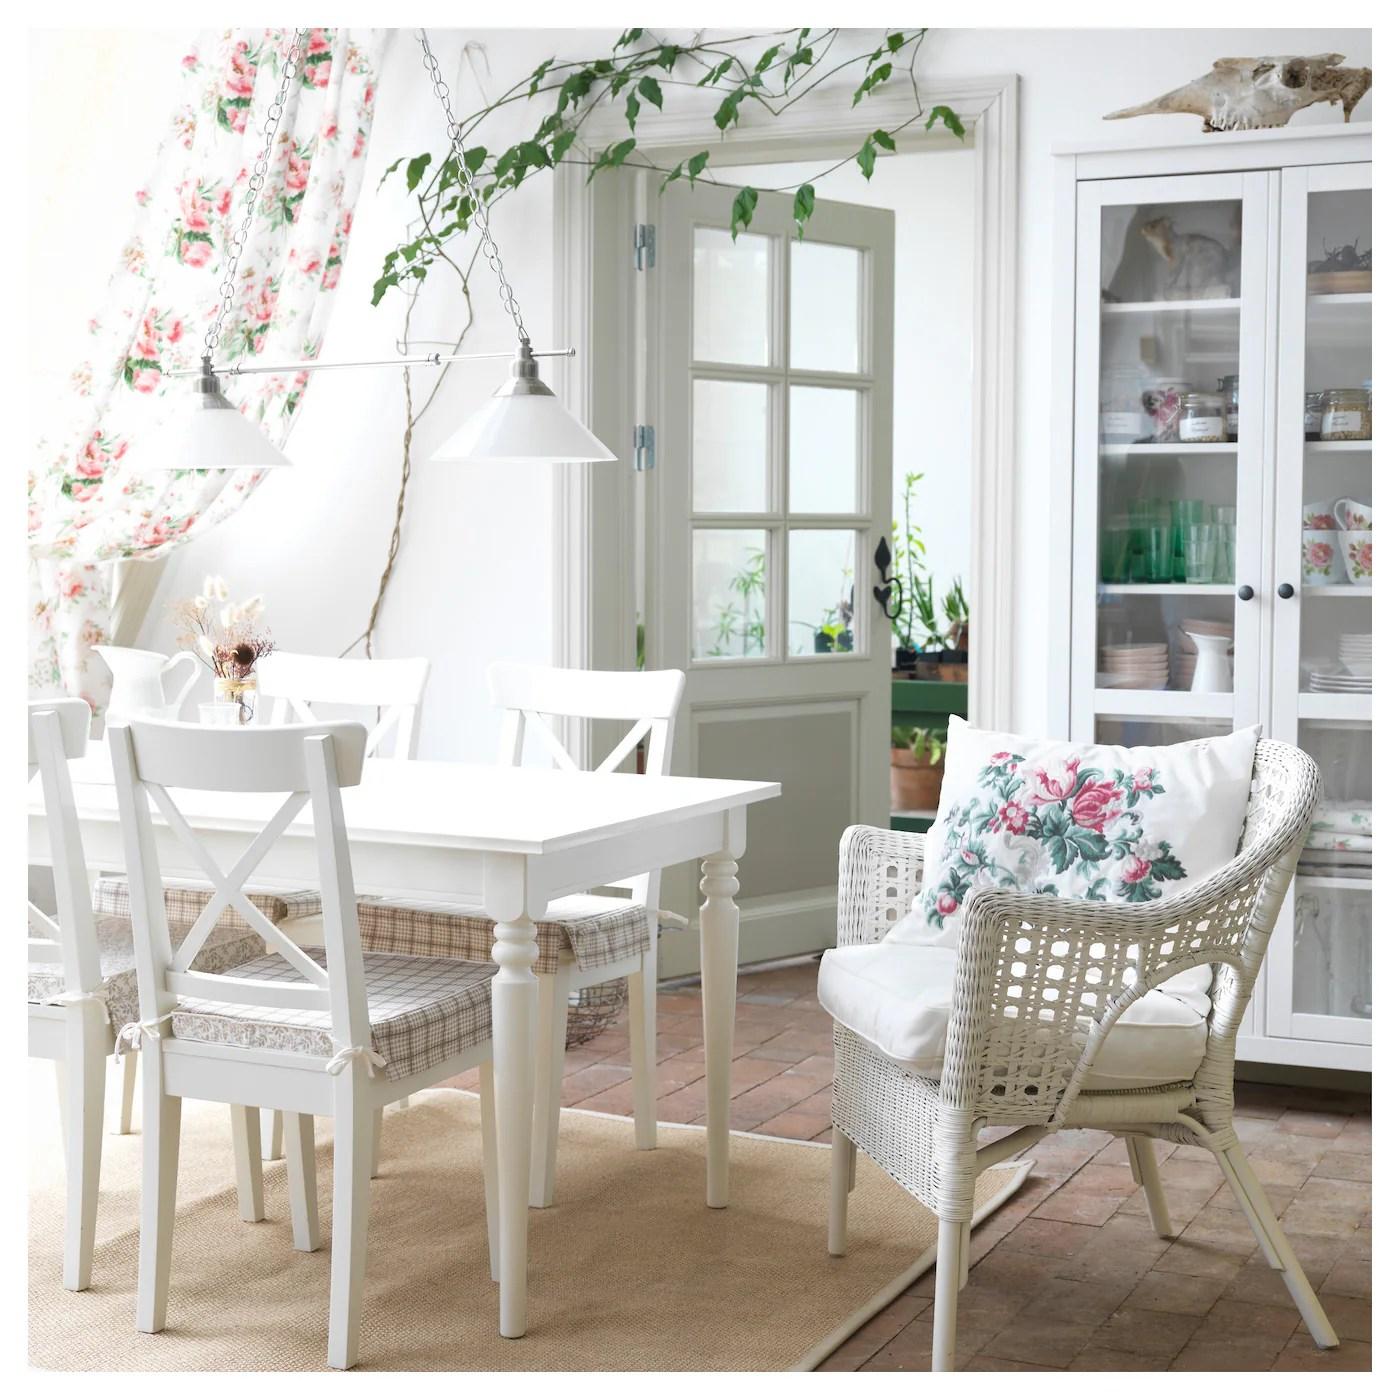 ikea ingolf chair patio repair material white